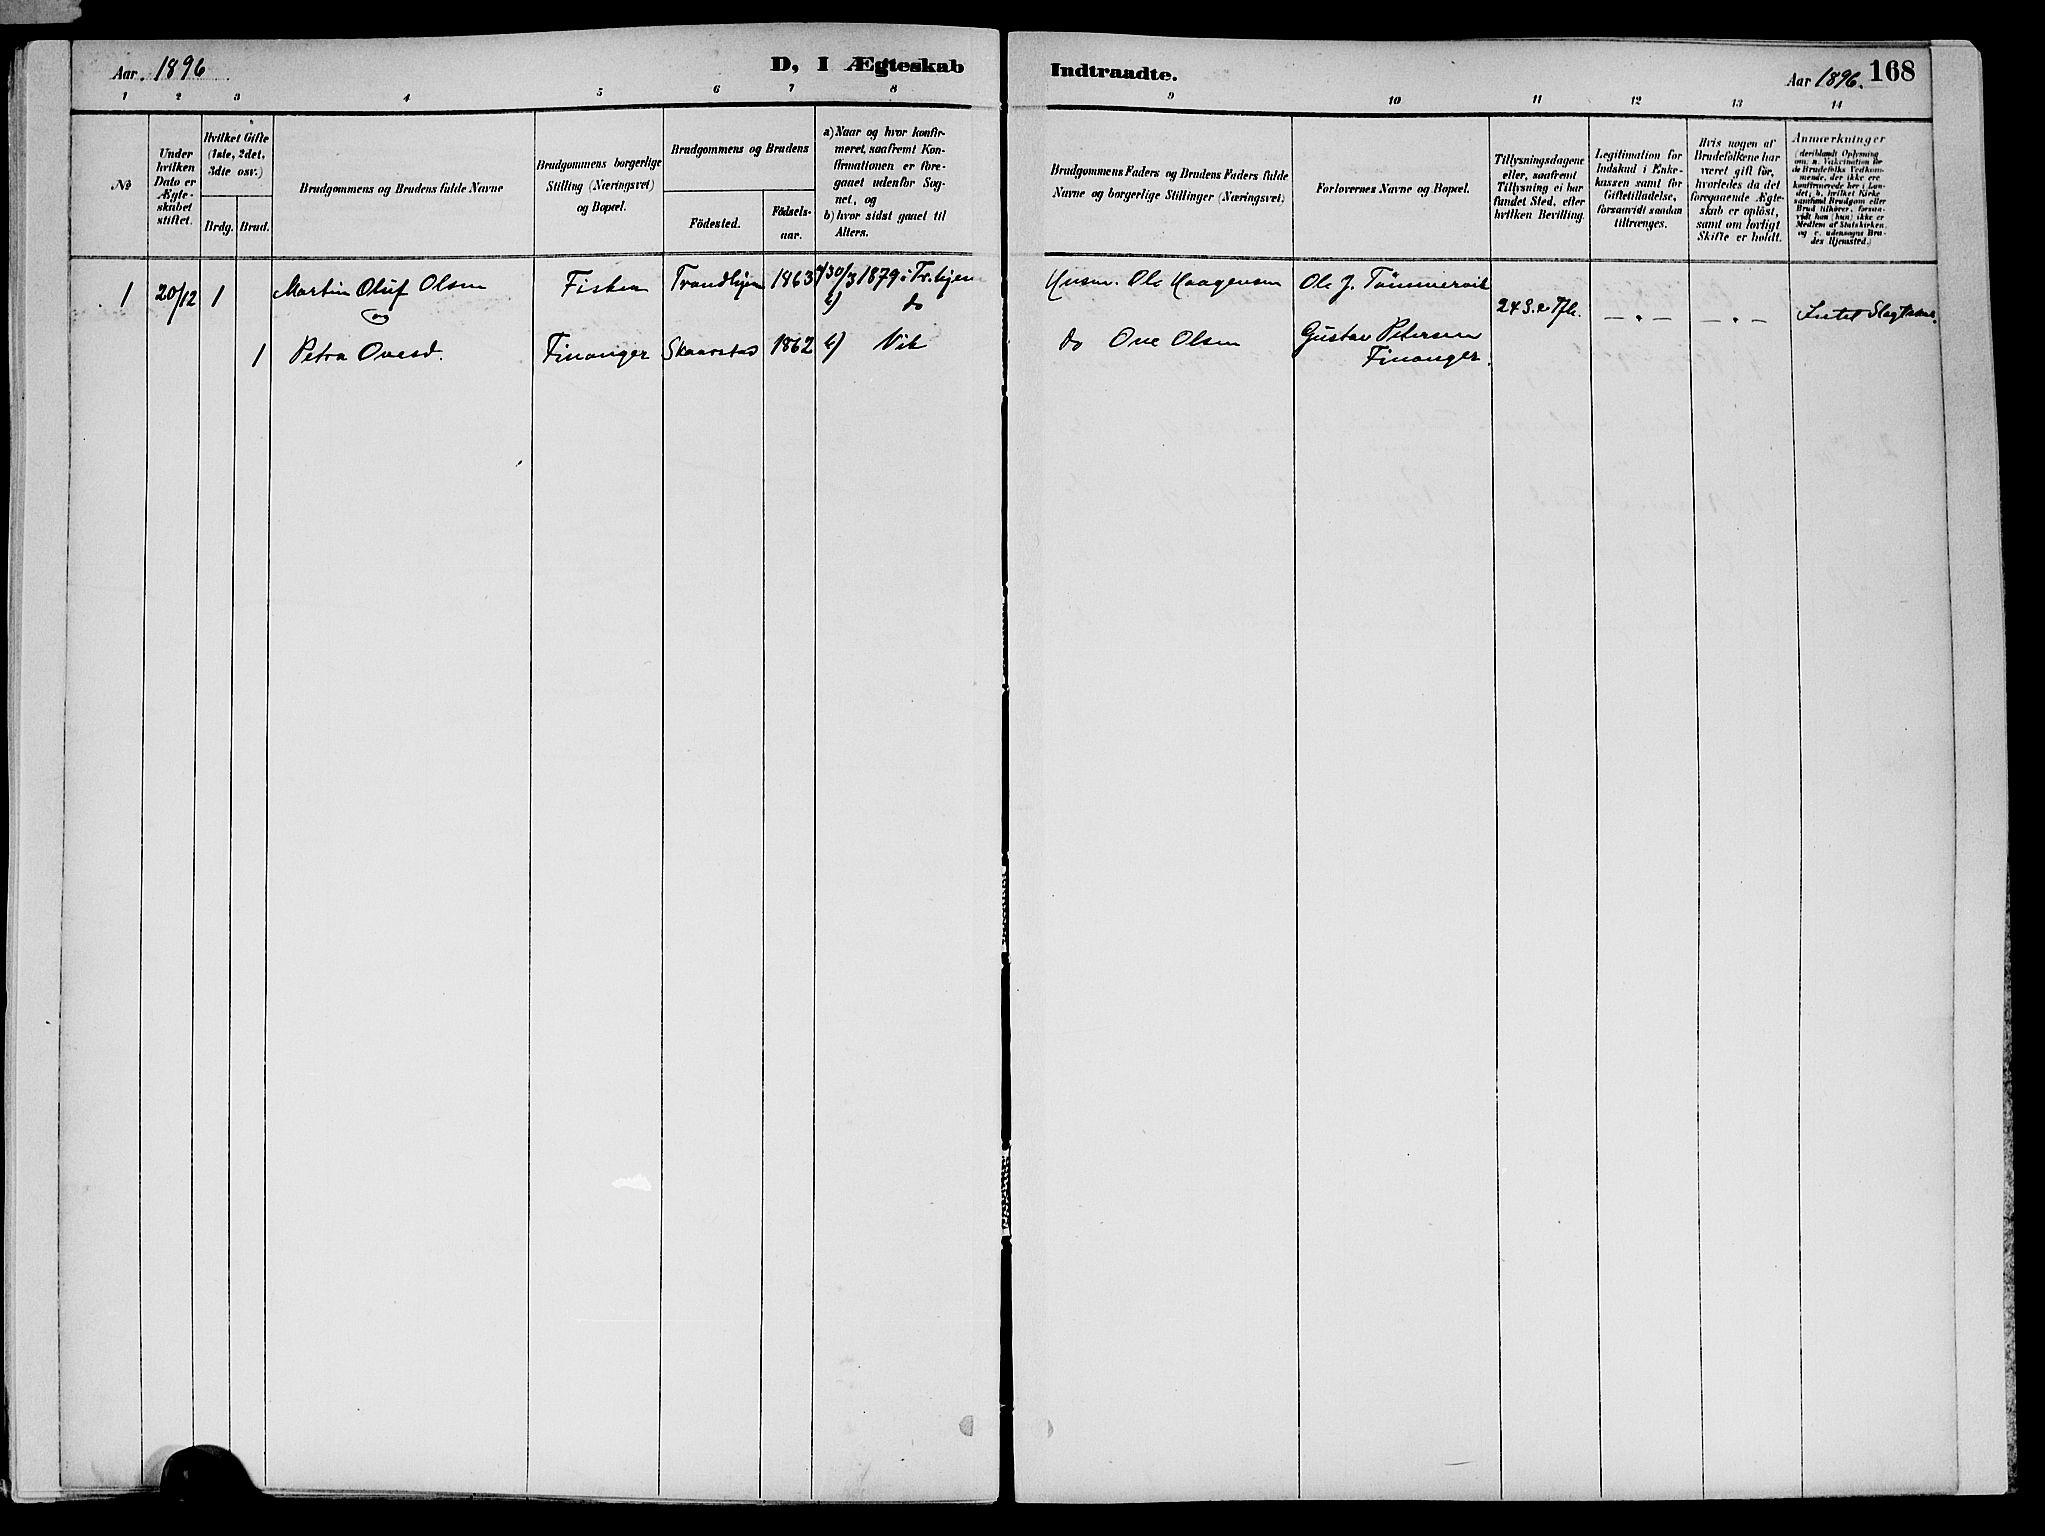 SAT, Ministerialprotokoller, klokkerbøker og fødselsregistre - Nord-Trøndelag, 773/L0617: Ministerialbok nr. 773A08, 1887-1910, s. 168